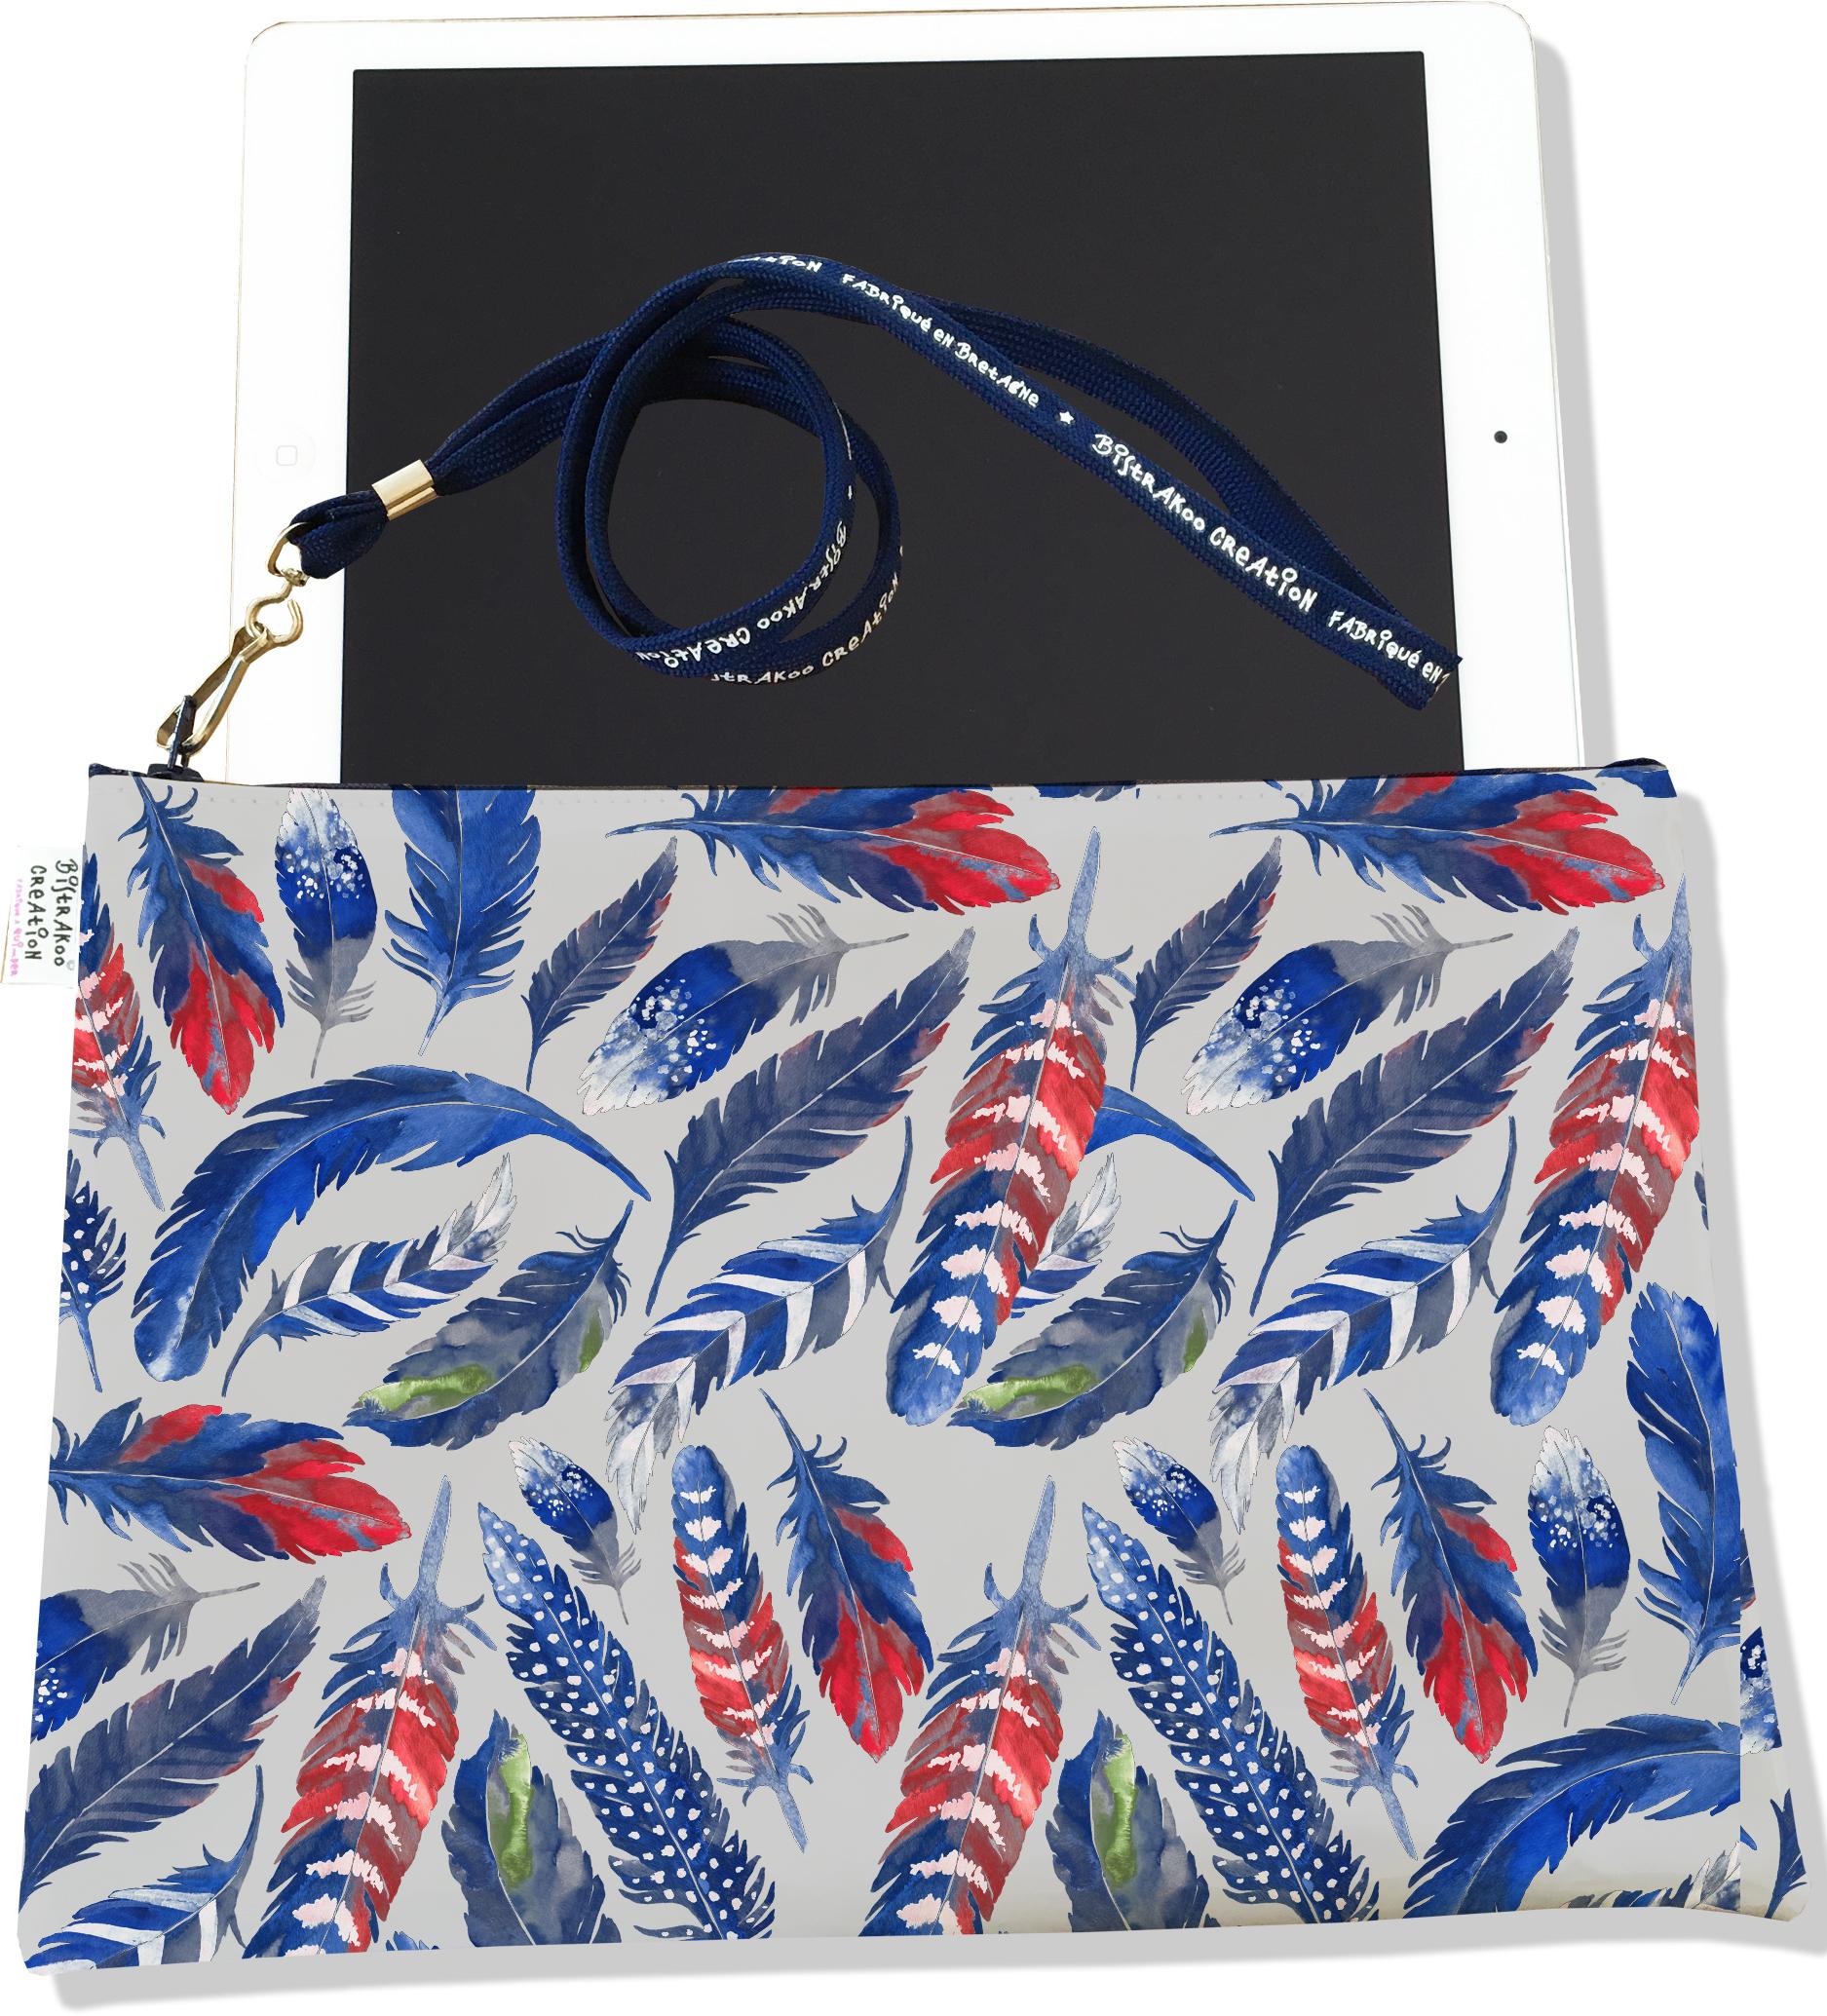 Housse pour tablette pour femme motif Plumes bleues HT6026